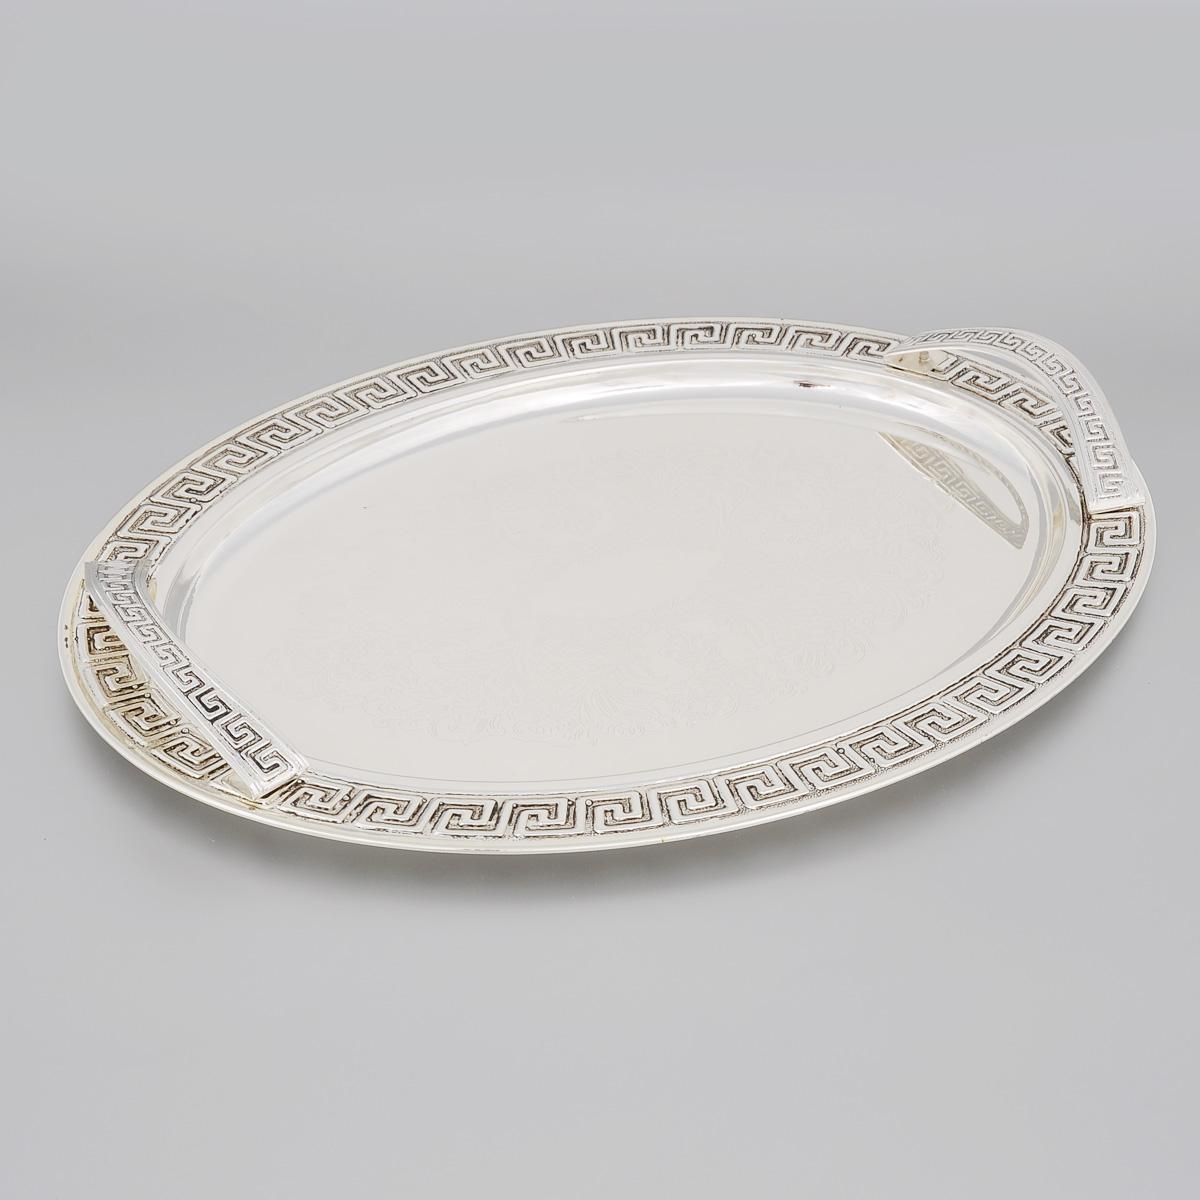 Поднос Marquis Versace, овальный, 40 х 29 см7057-MRПоднос Marquis Versace овальной формы выполнен из стали с серебряно-никелевым покрытием. Поднос имеет зеркальную поверхность и оформлен по краям оригинальным орнаментом. Он отлично подойдет для красивой сервировки различных блюд, закусок и фруктов на праздничном столе. Благодаря двум ручкам поднос с легкостью можно переносить с места на место. Изящный дизайн придется по вкусу и ценителям классики, и тем, кто предпочитает утонченность и изысканность. Поднос Marquis Versace станет отличным подарком на любой праздник. Размер подноса: 40 см х 29 см.